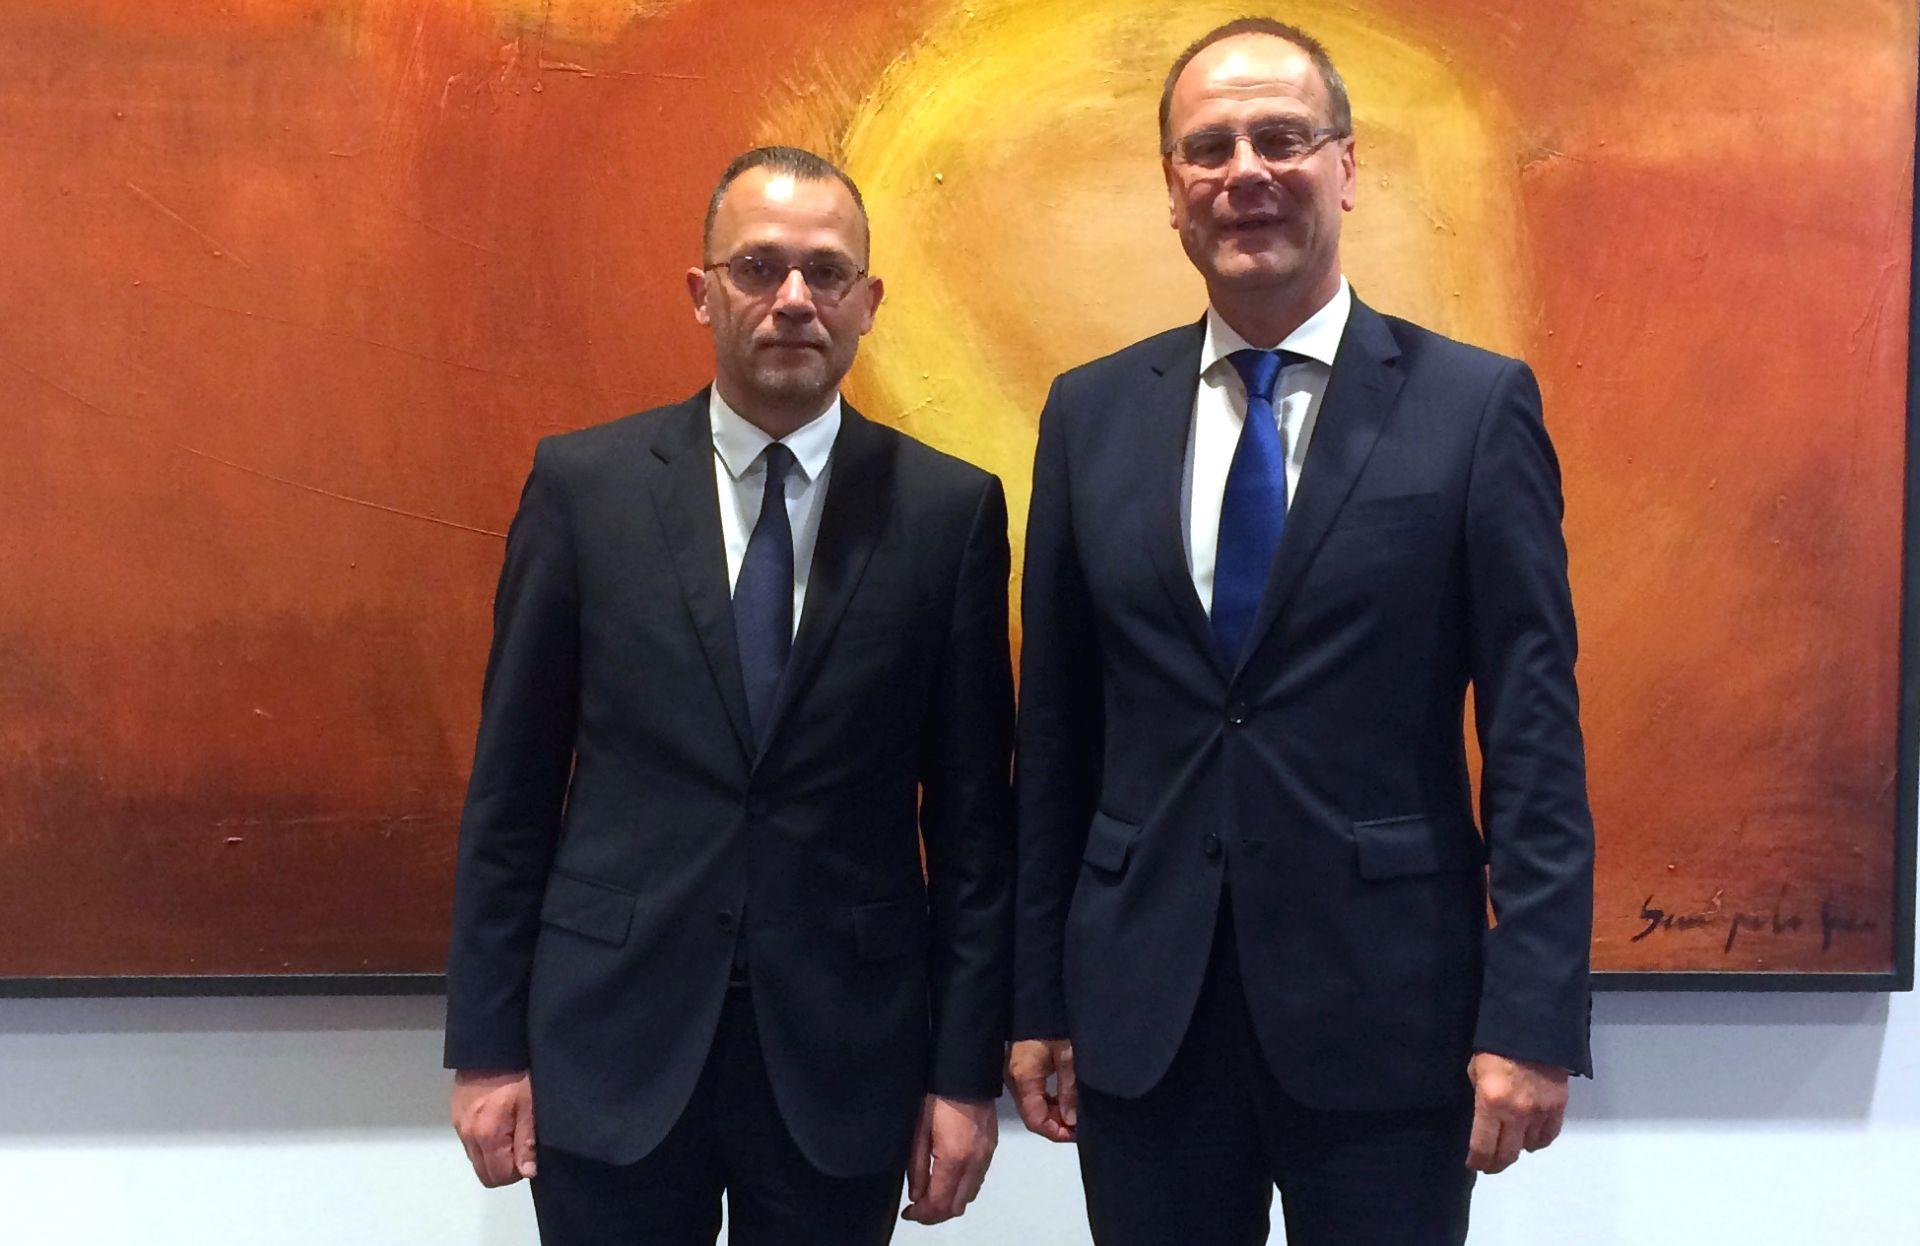 Hasanbegović s povjerenikom Navracsicsem: 'O političkoj situaciji u Hrvatskoj'